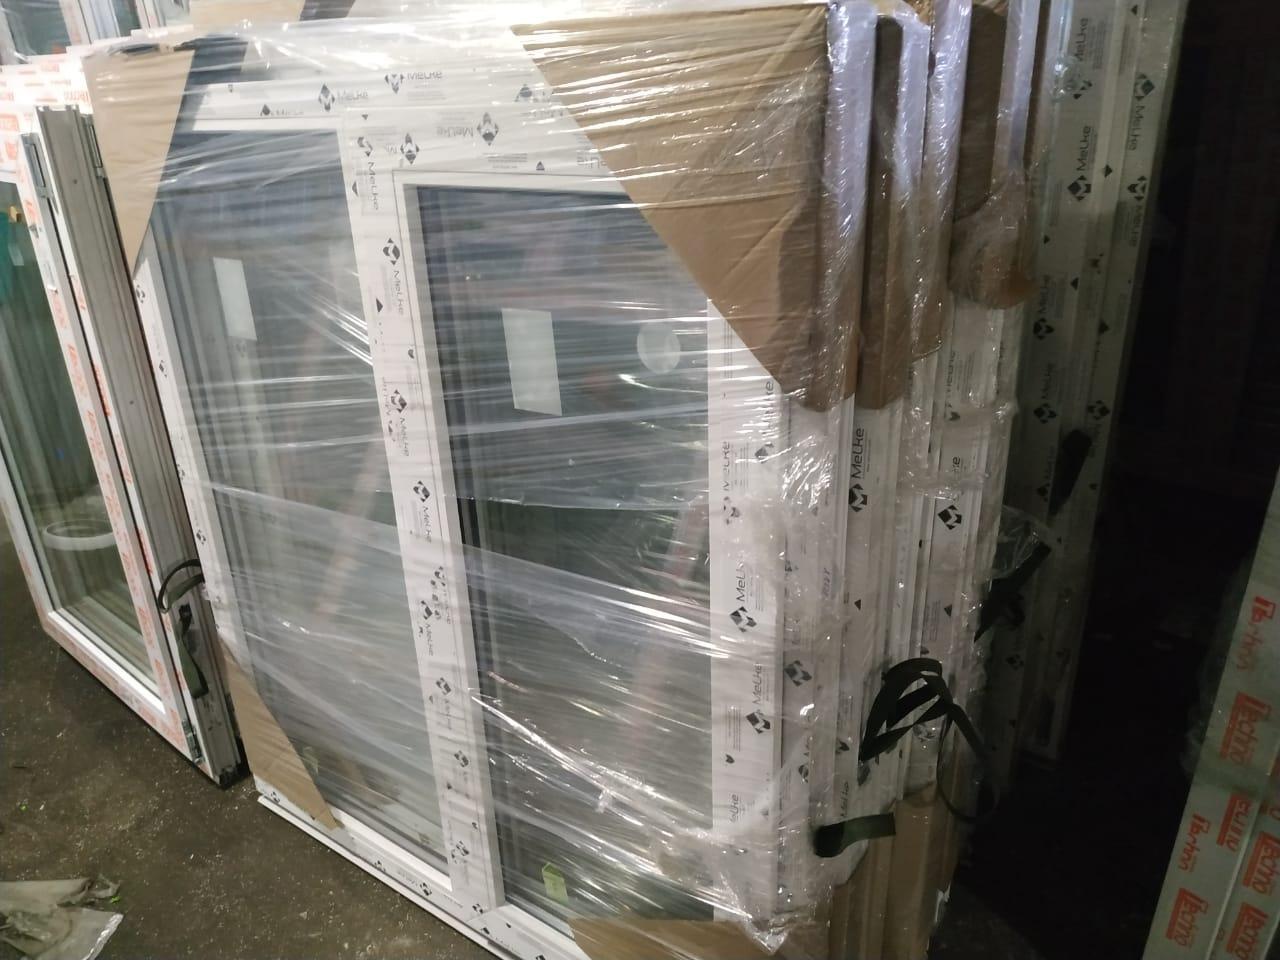 пластиковое окно двухстворчатое 1300x1400 (ШxВ) в Москве 89253899134 купить 1